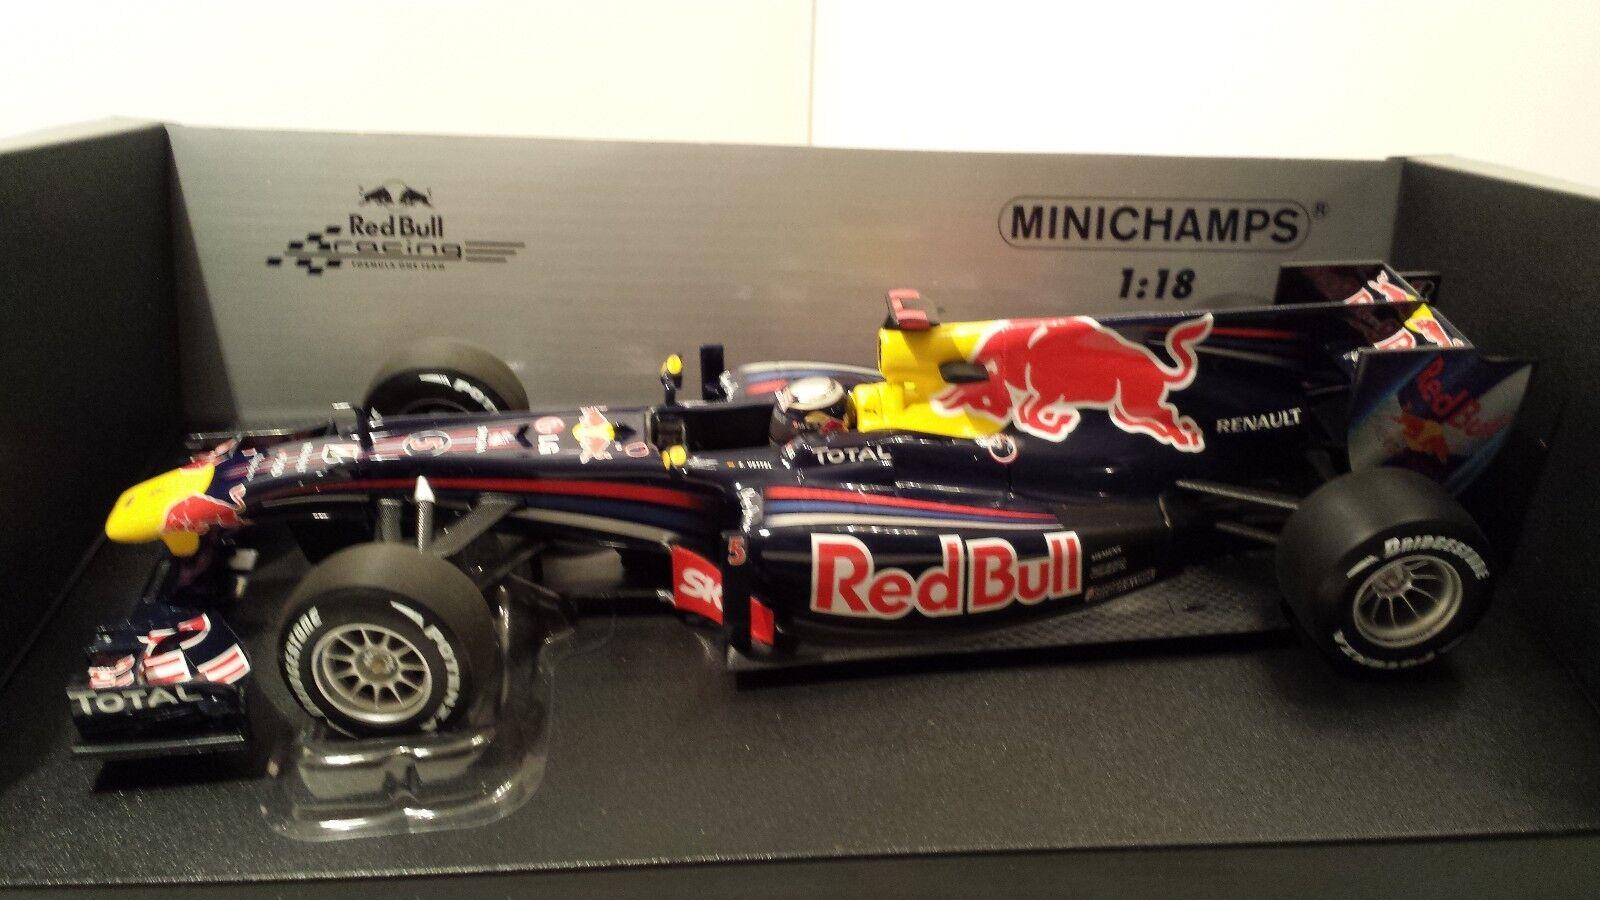 18 minichamps 2010. vettel rot bull rb6 brasilien gp - sieger f1 - auto ltd. neue